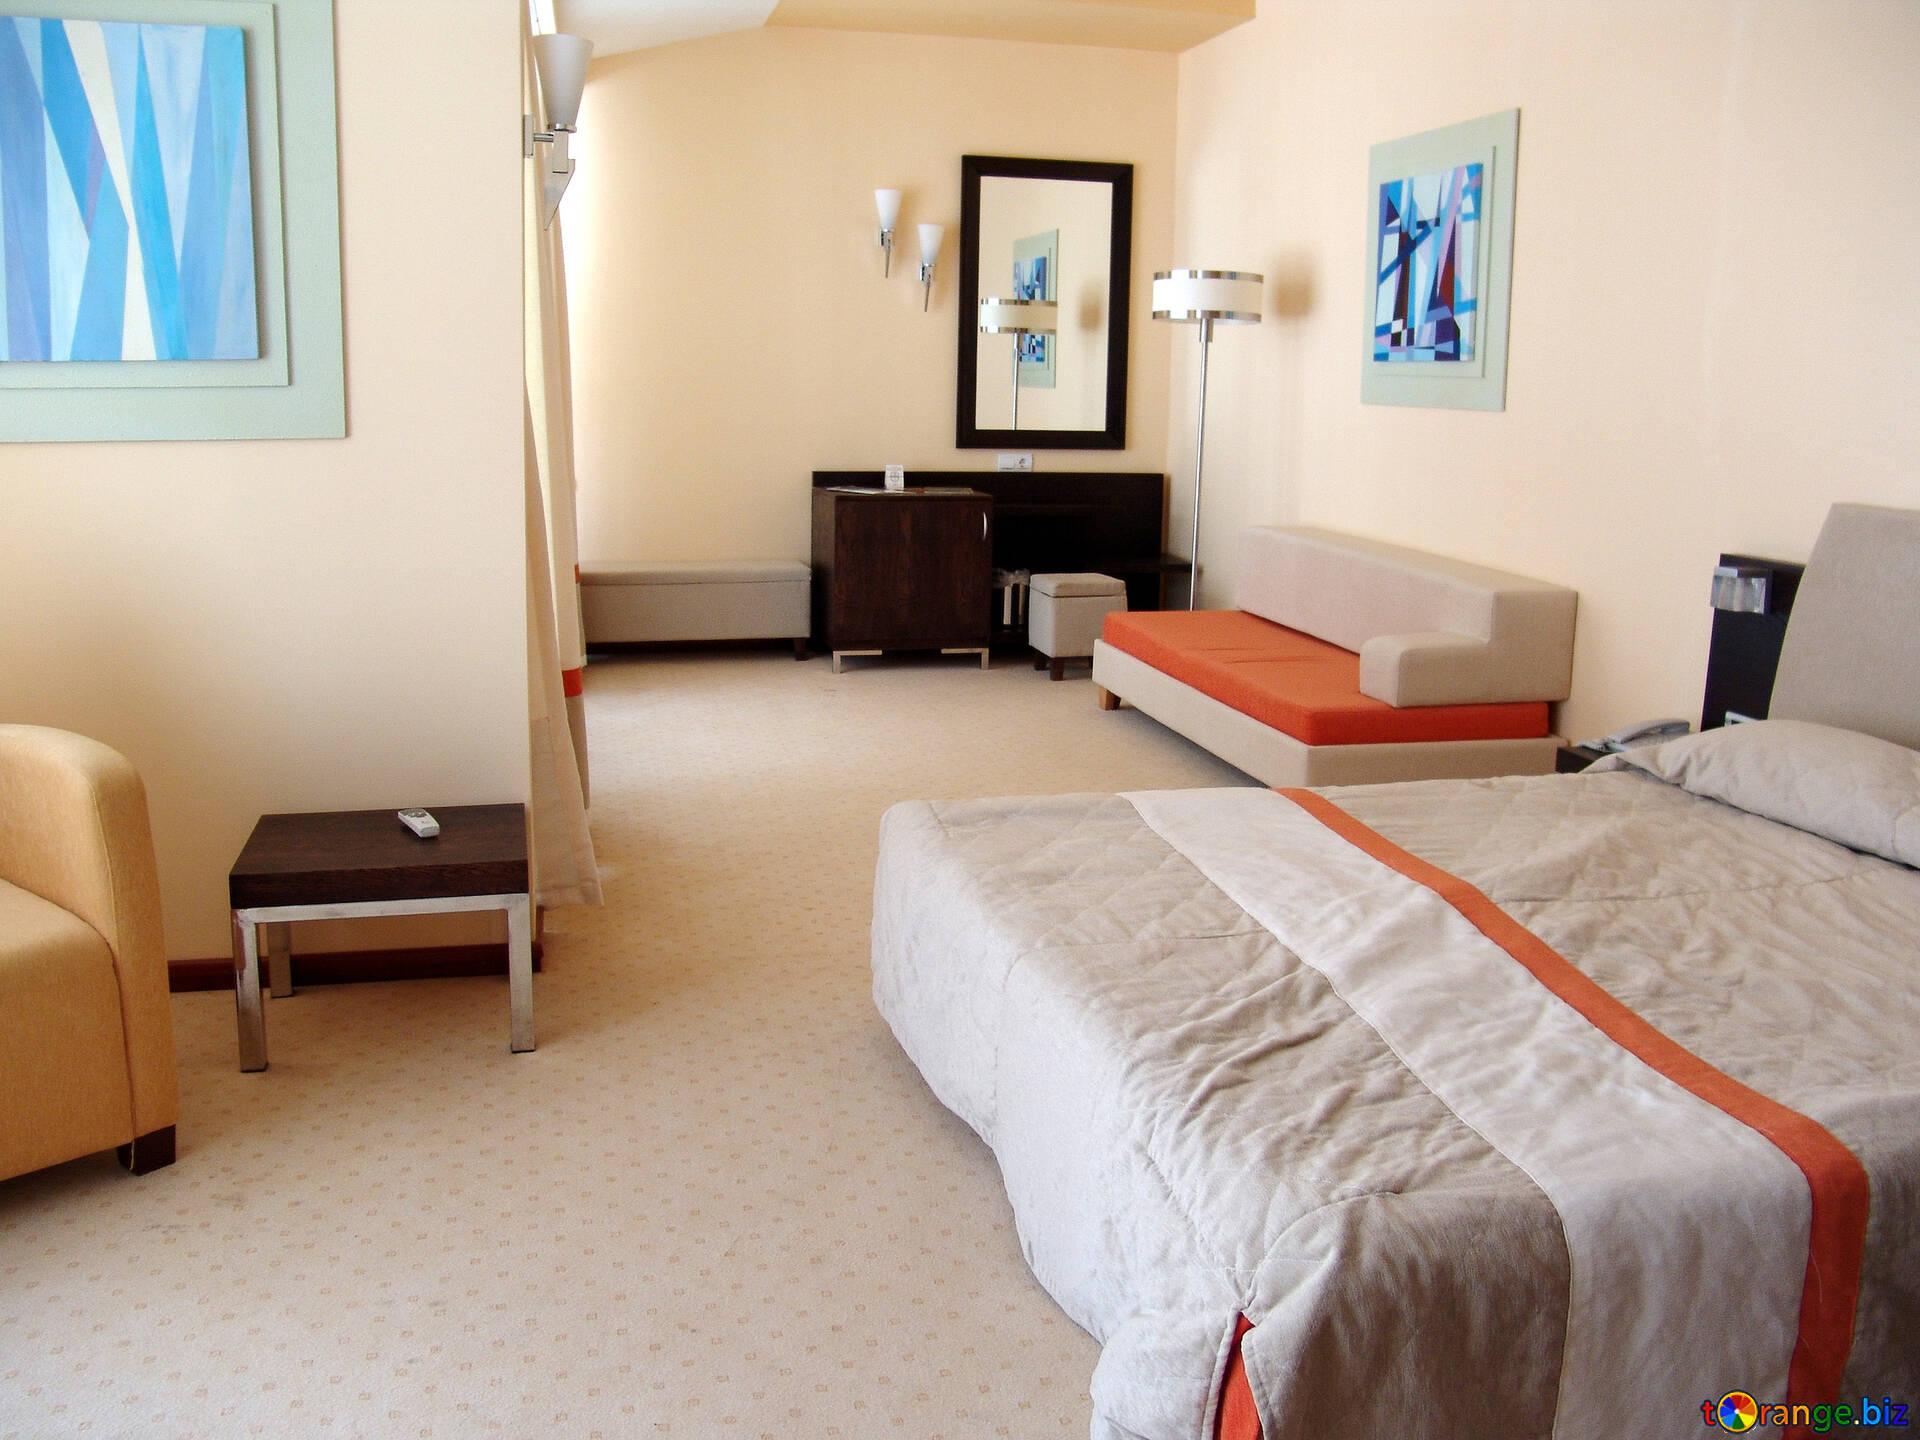 Divani spazioso luce camera da letto. mobilia № 7888